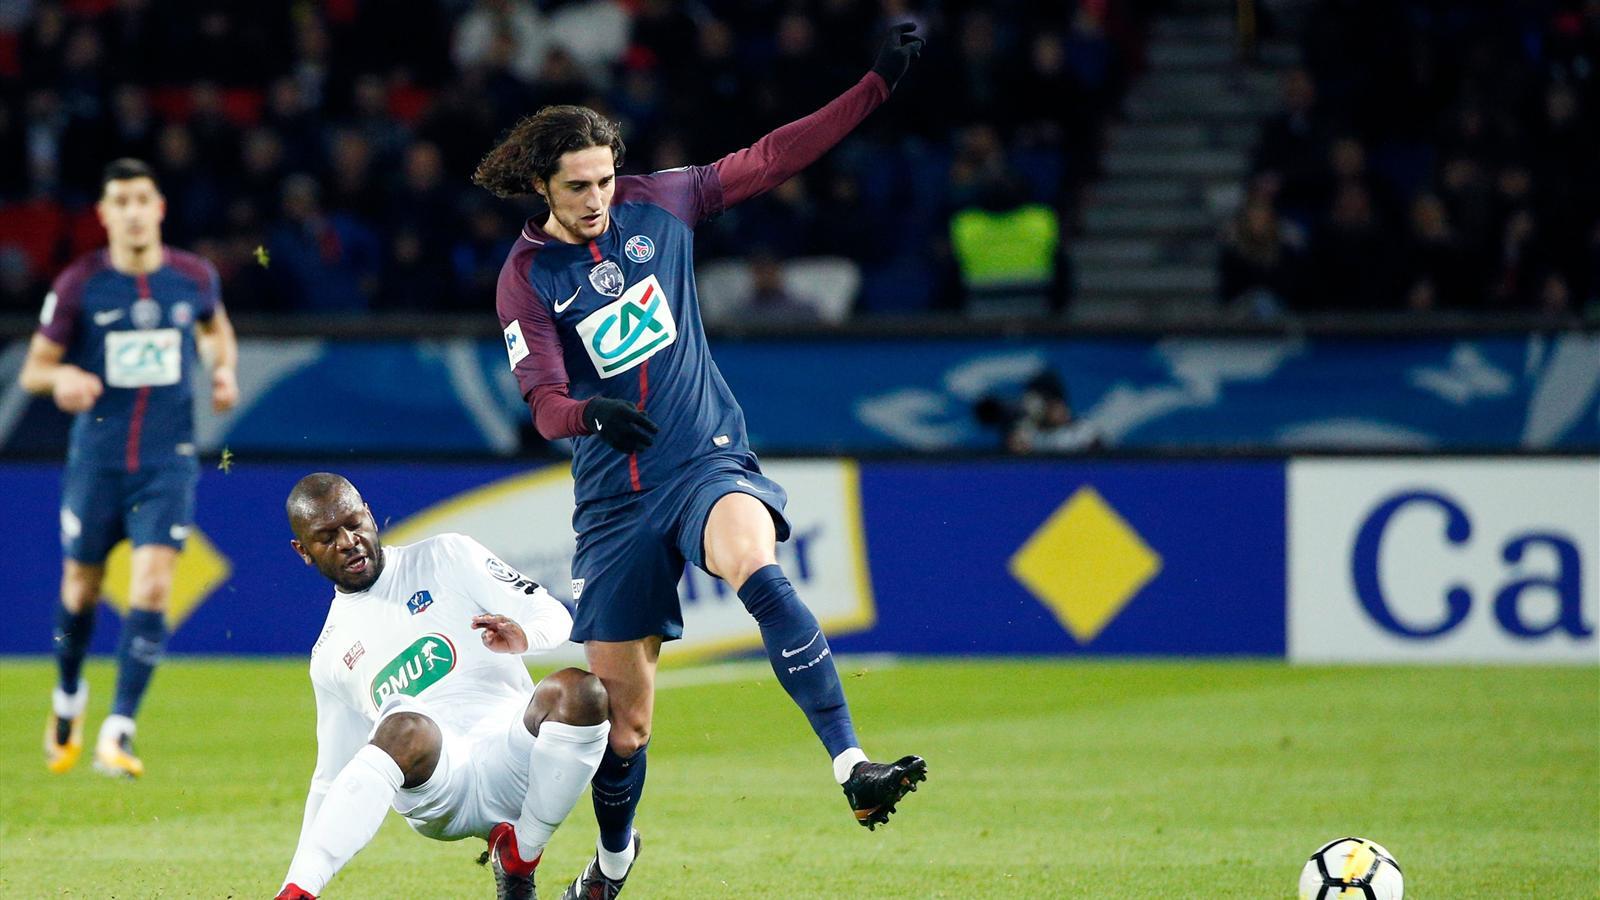 En direct live psg en avant guingamp coupe de - Coupe de france football resultat en direct ...